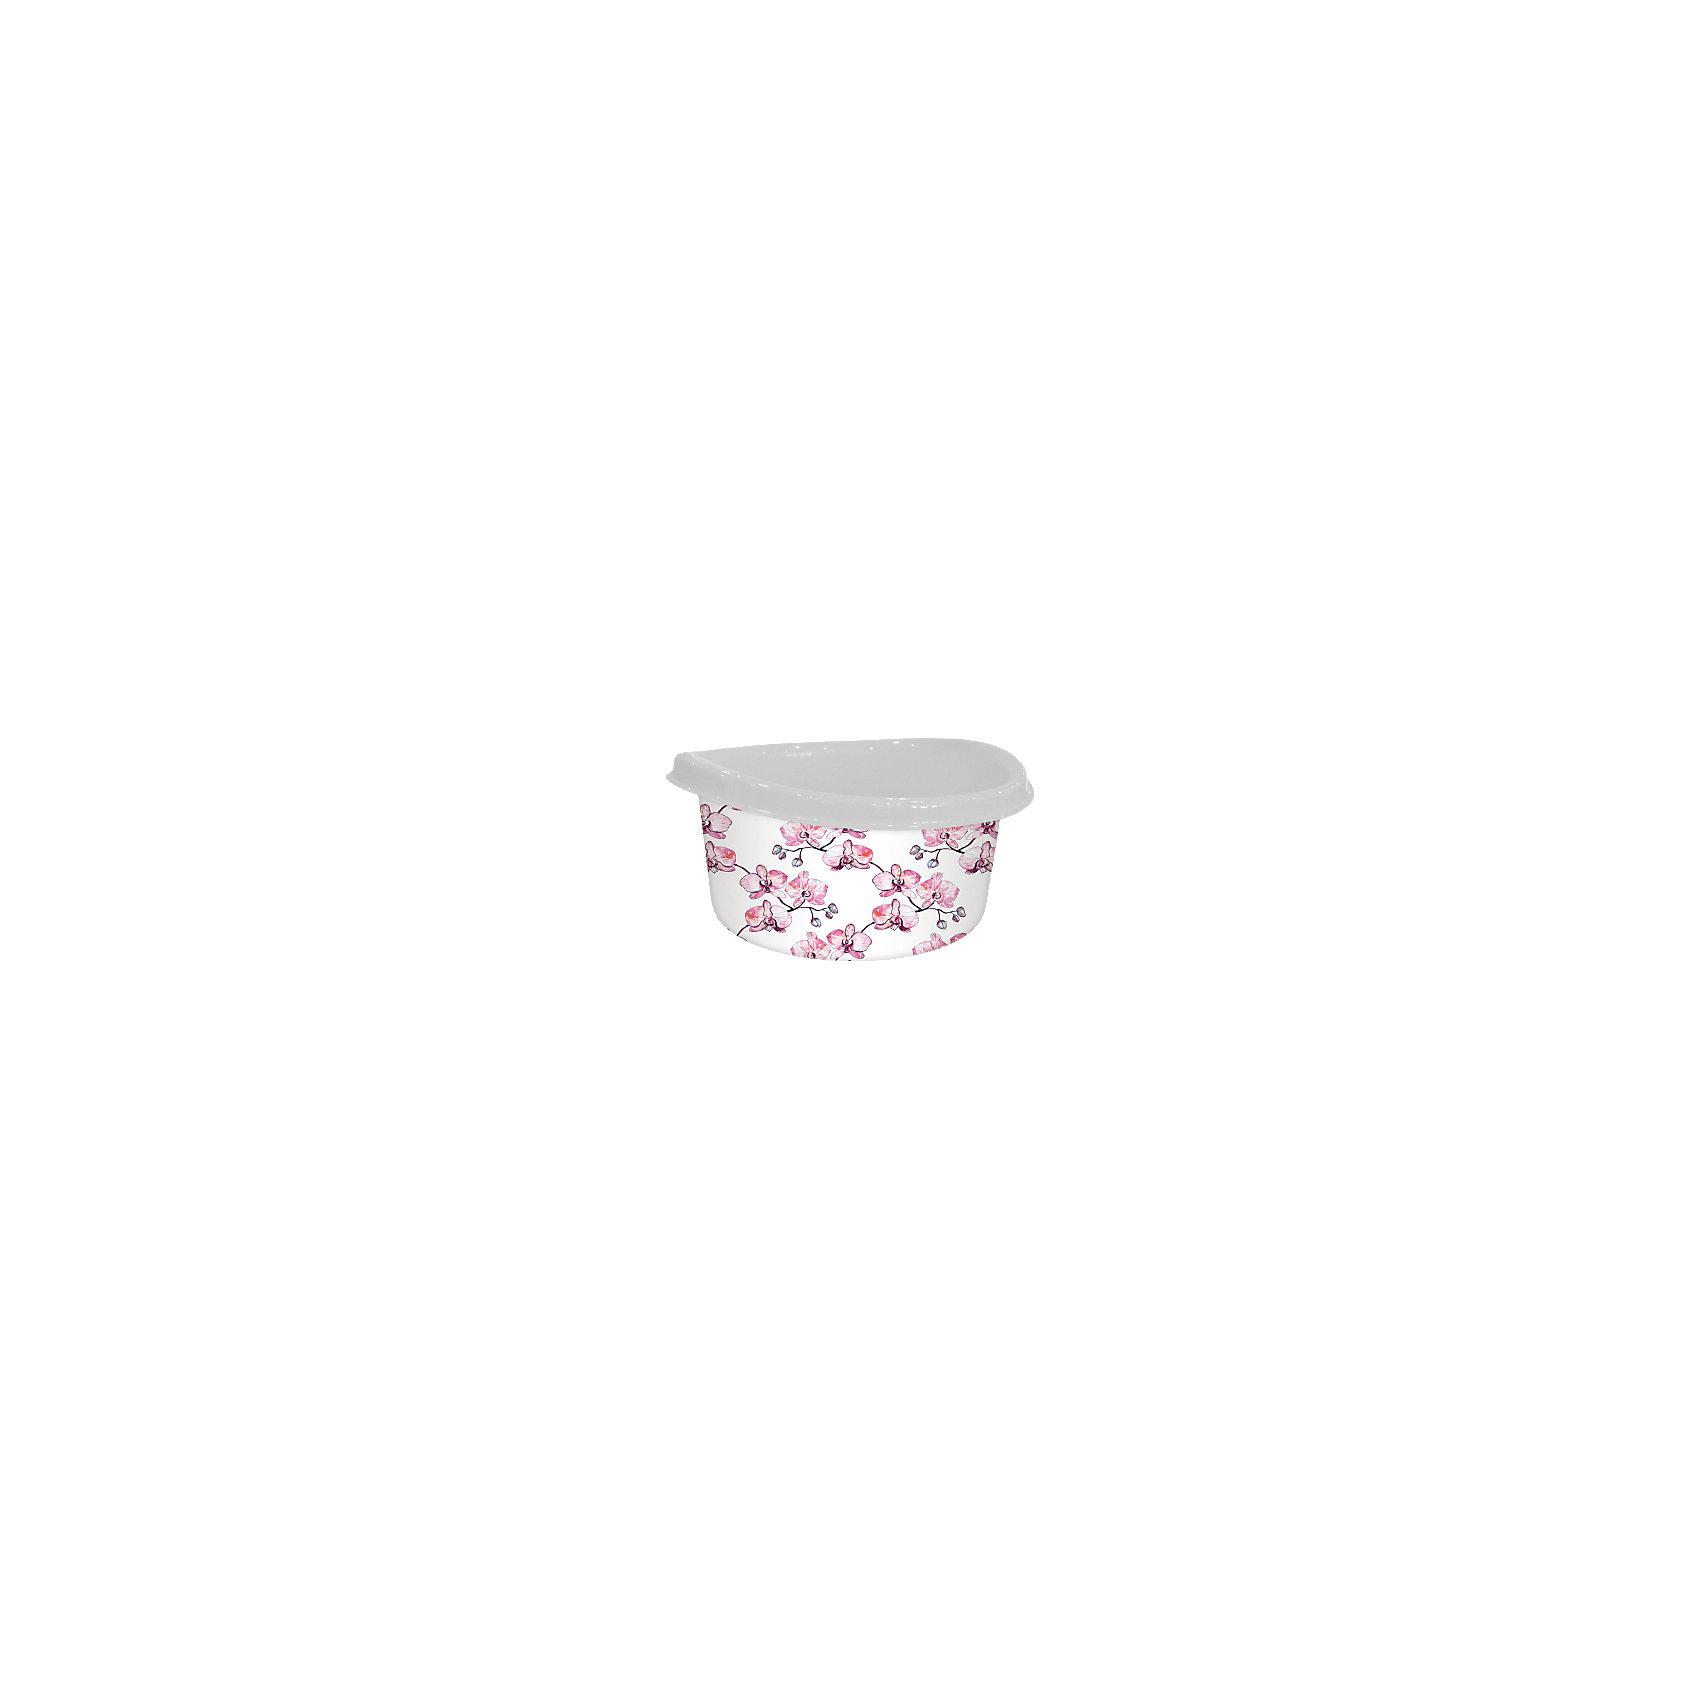 Таз круглый 12 л Ориджинал Декор орхидеи, SvipТаз пластмассовый круглой формы 12 л незаменим в хозяйственных целях для мойки, стирки, хранения  и других нужд. Выполнен из высококачественного пластика с современным декором, который сохраняет привлекательный вид изделия долгое время. Устойчив к царапинам.<br><br>Ширина мм: 390<br>Глубина мм: 390<br>Высота мм: 180<br>Вес г: 391<br>Возраст от месяцев: 216<br>Возраст до месяцев: 1188<br>Пол: Унисекс<br>Возраст: Детский<br>SKU: 5545663